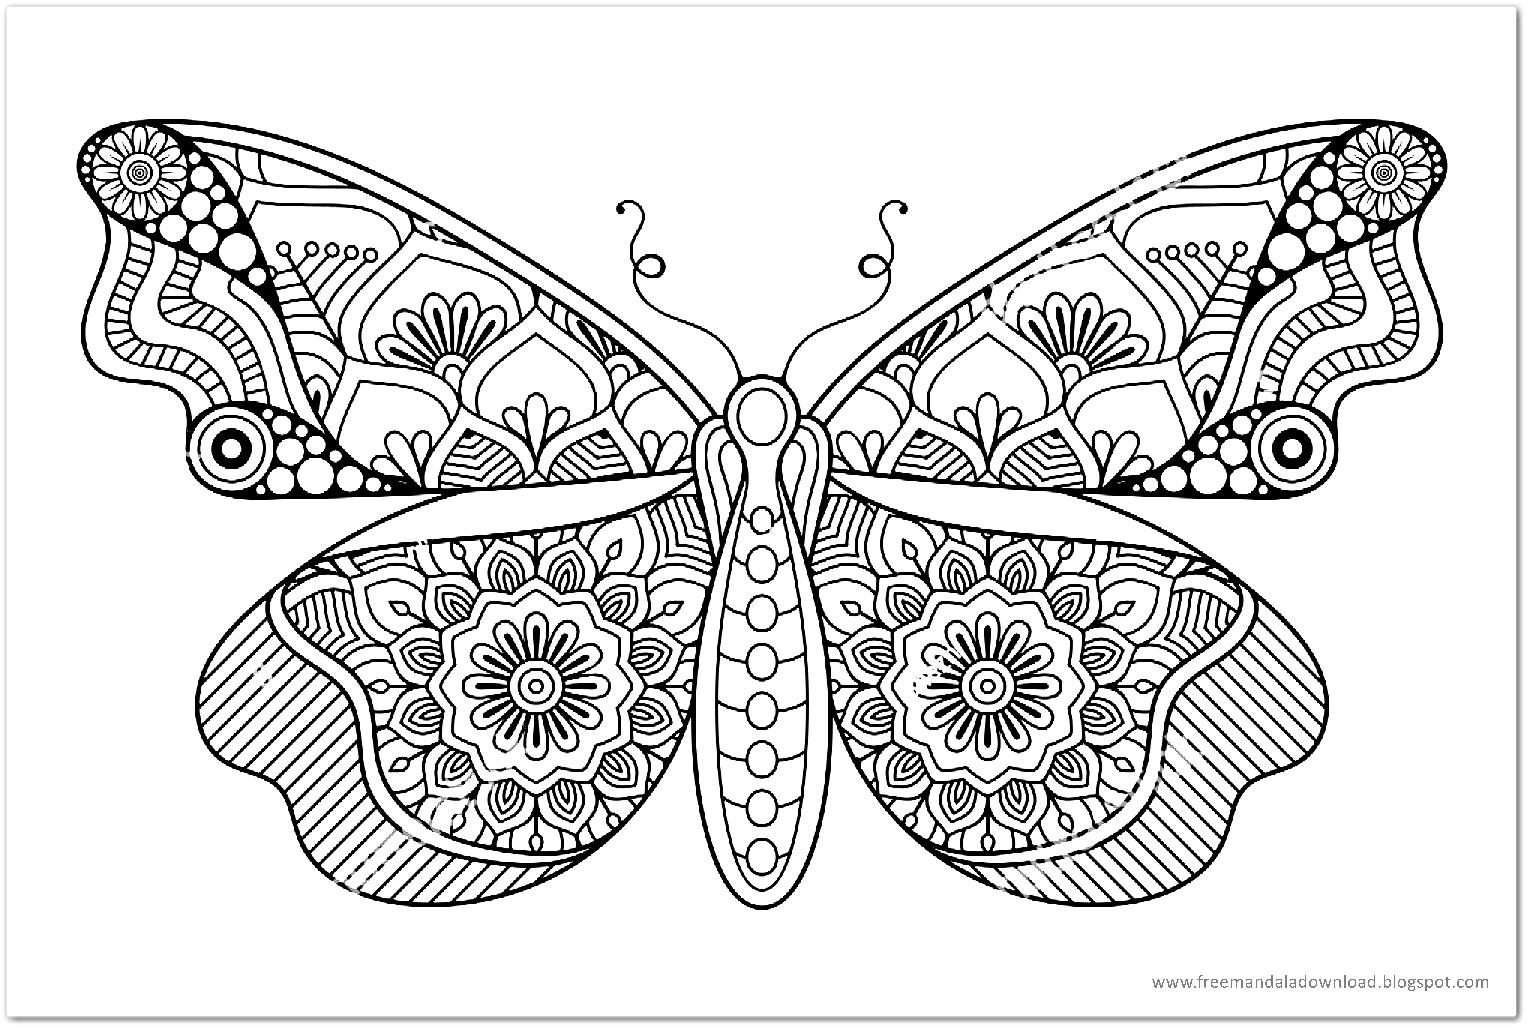 Schmetterling Mandala-butterfly mandala - Free Mandala